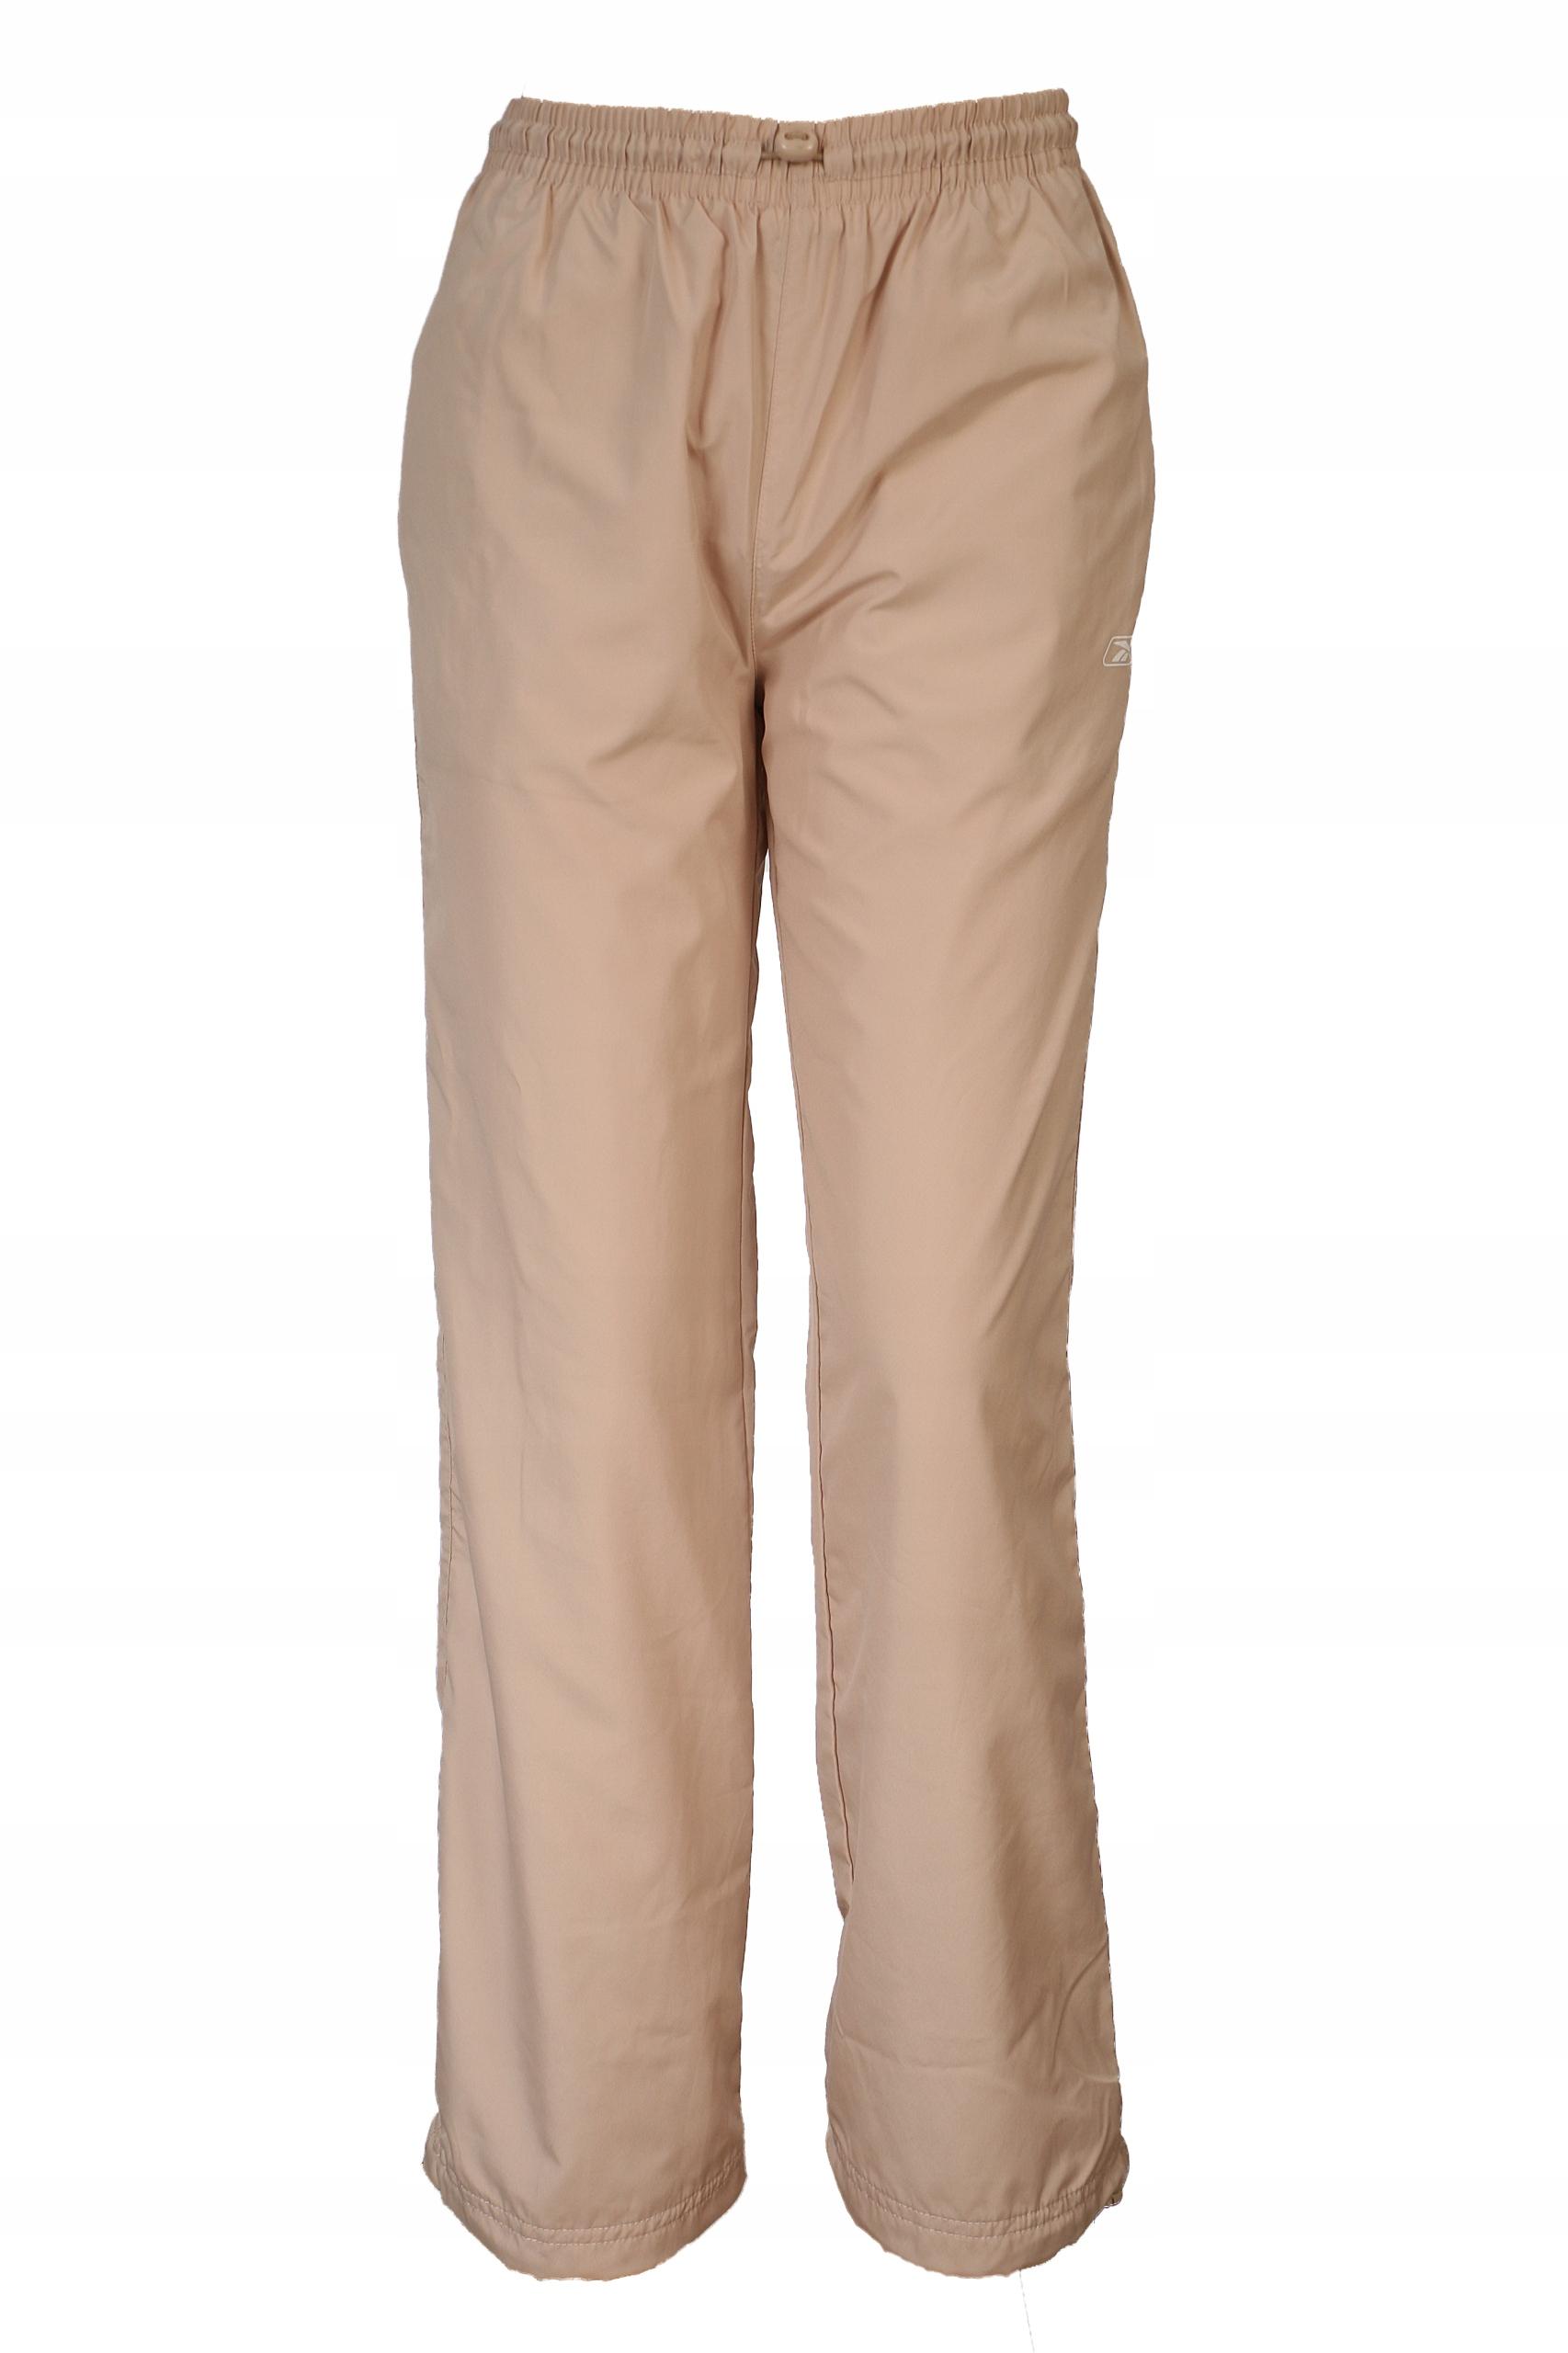 Reebok spodnie aewe3102/259 r.xl